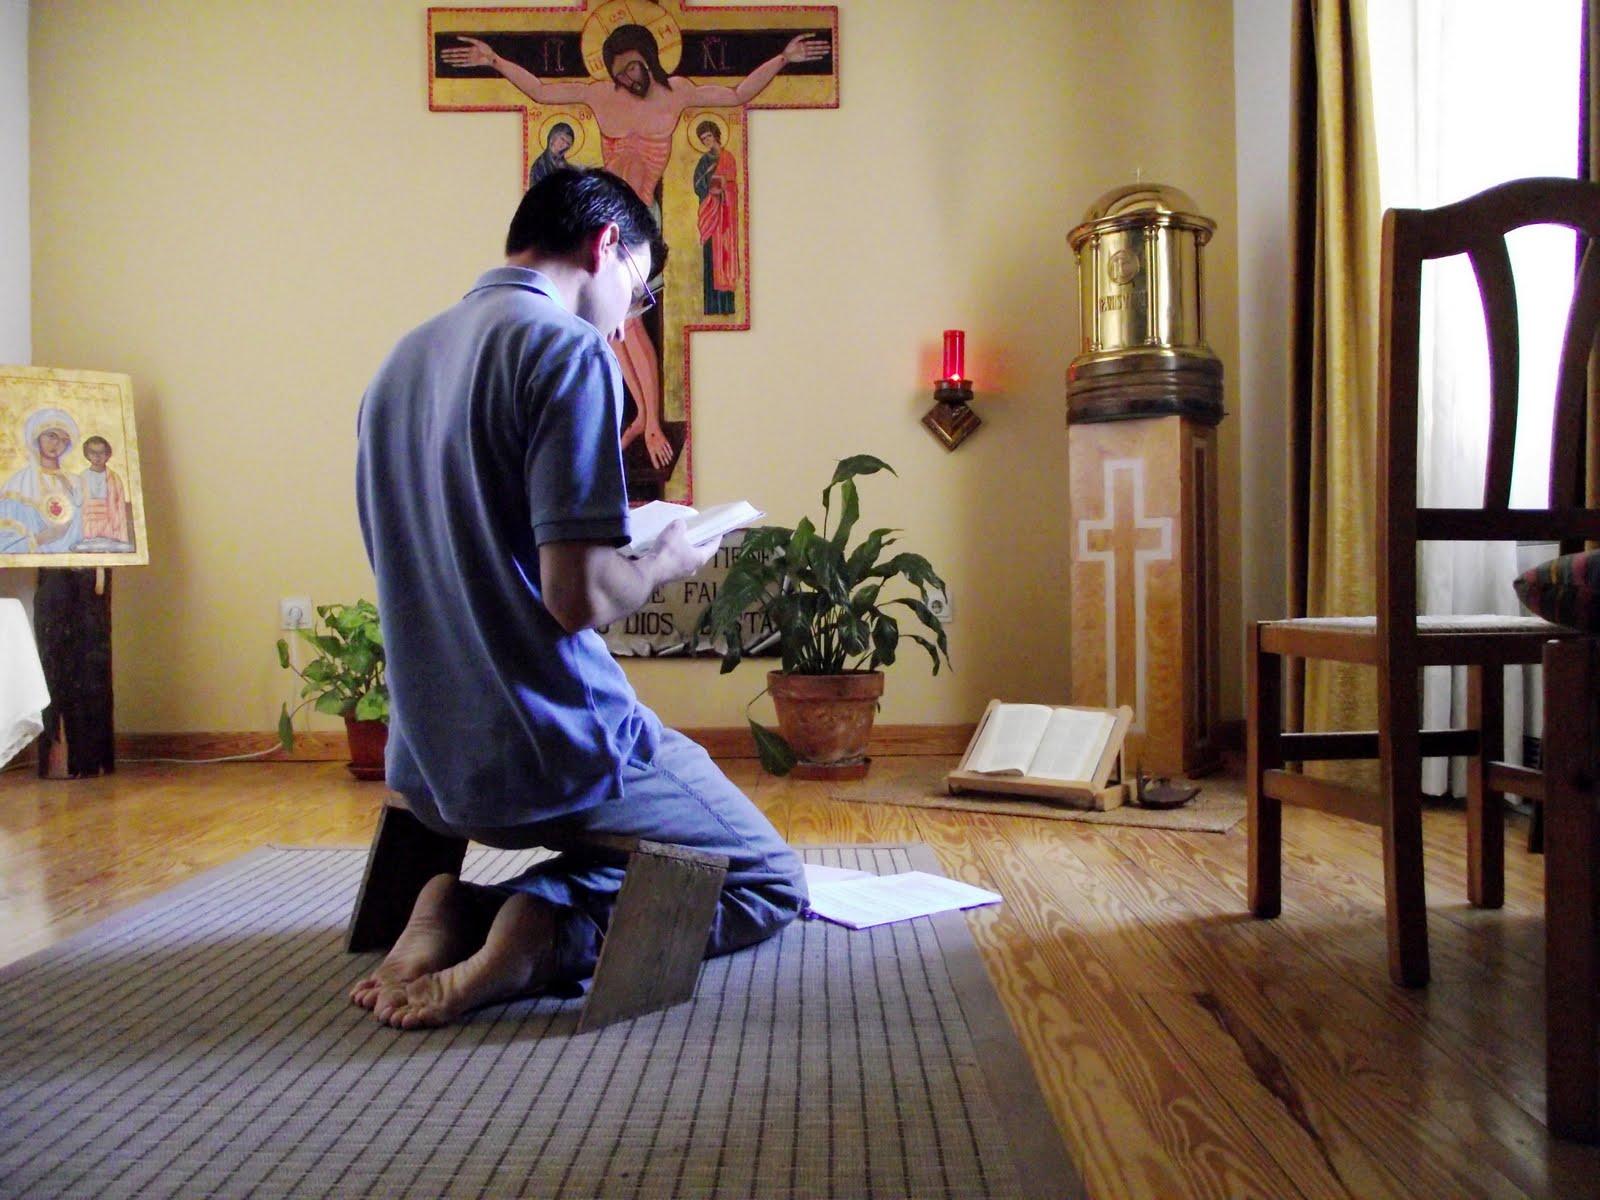 Cómo Dios nos Mostrará los Pecados de Nuestra Vida [en la iluminación]